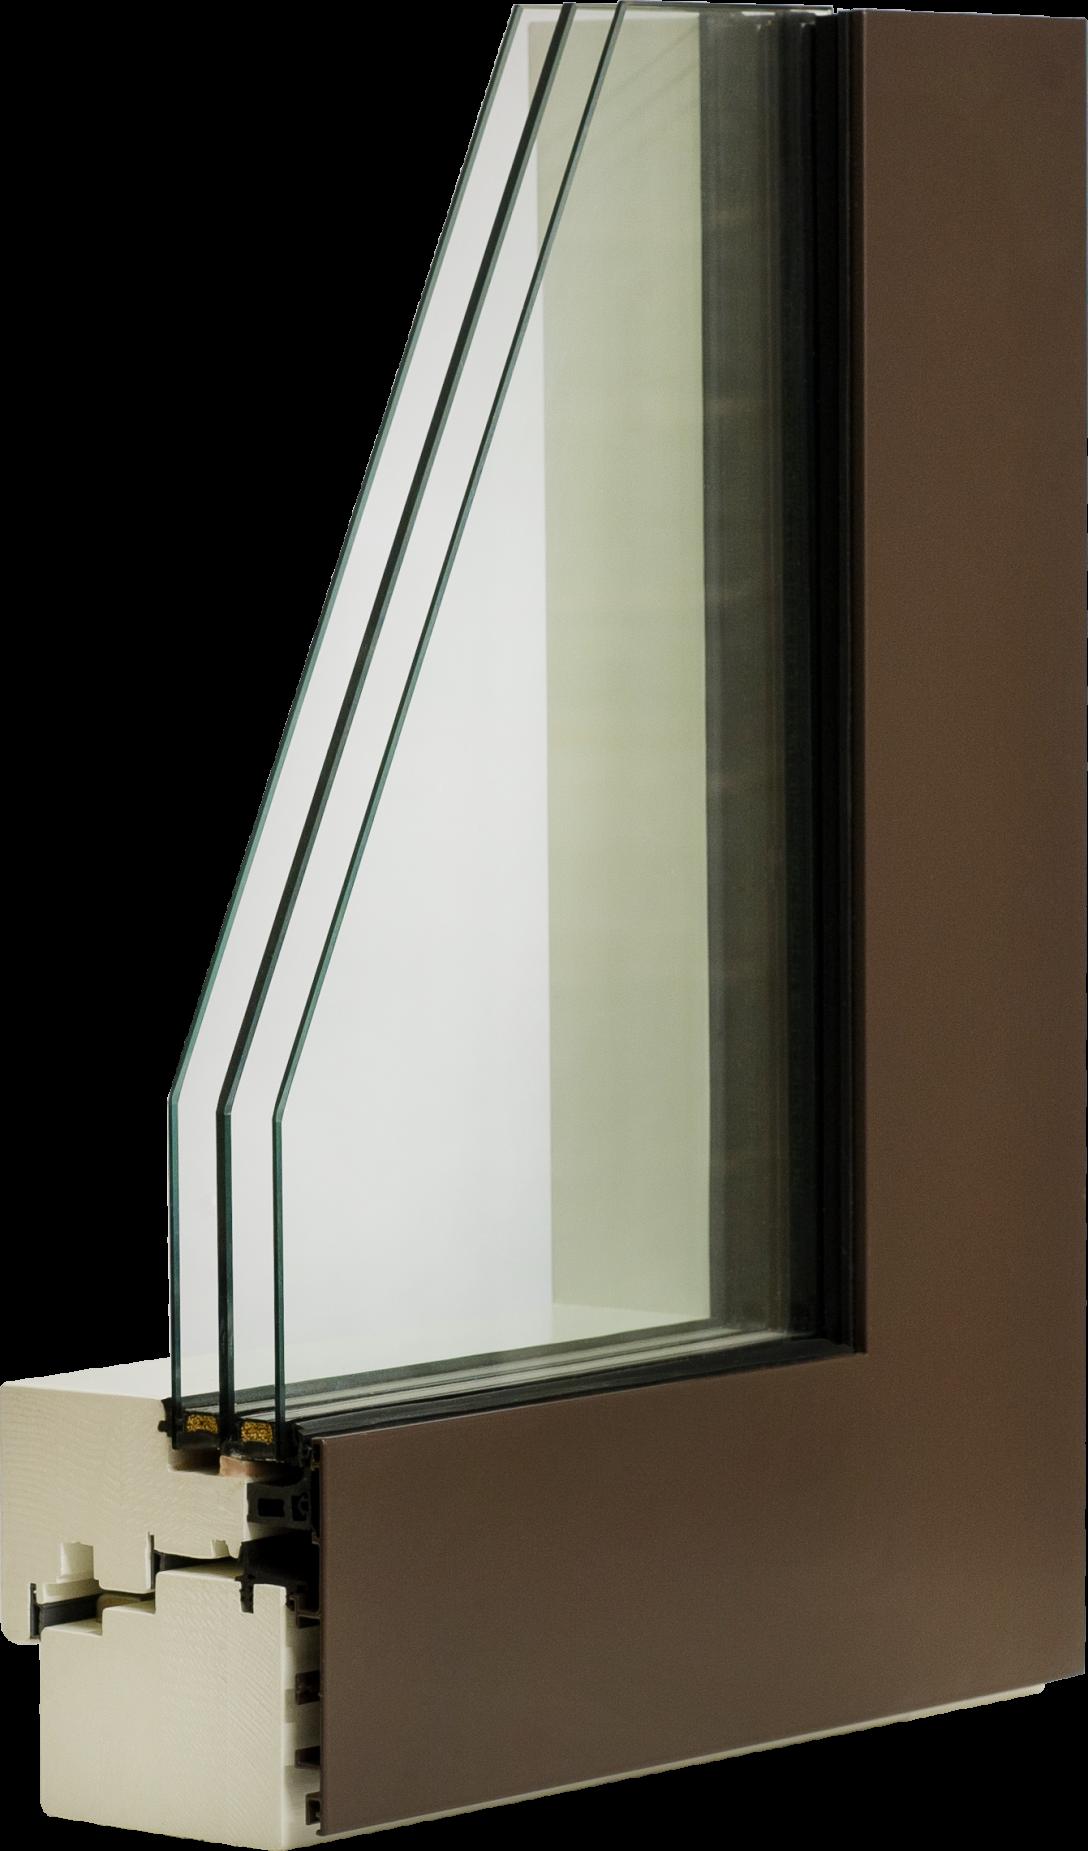 Large Size of Alu Fenster Holz Mit 3 Fach Verglasung Ohne Rahmen Austauschen Nach Maß Aluplast Bauhaus Anthrazit Sichtschutz Für Sonnenschutzfolie Auto Folie Jalousie Fenster Alu Fenster